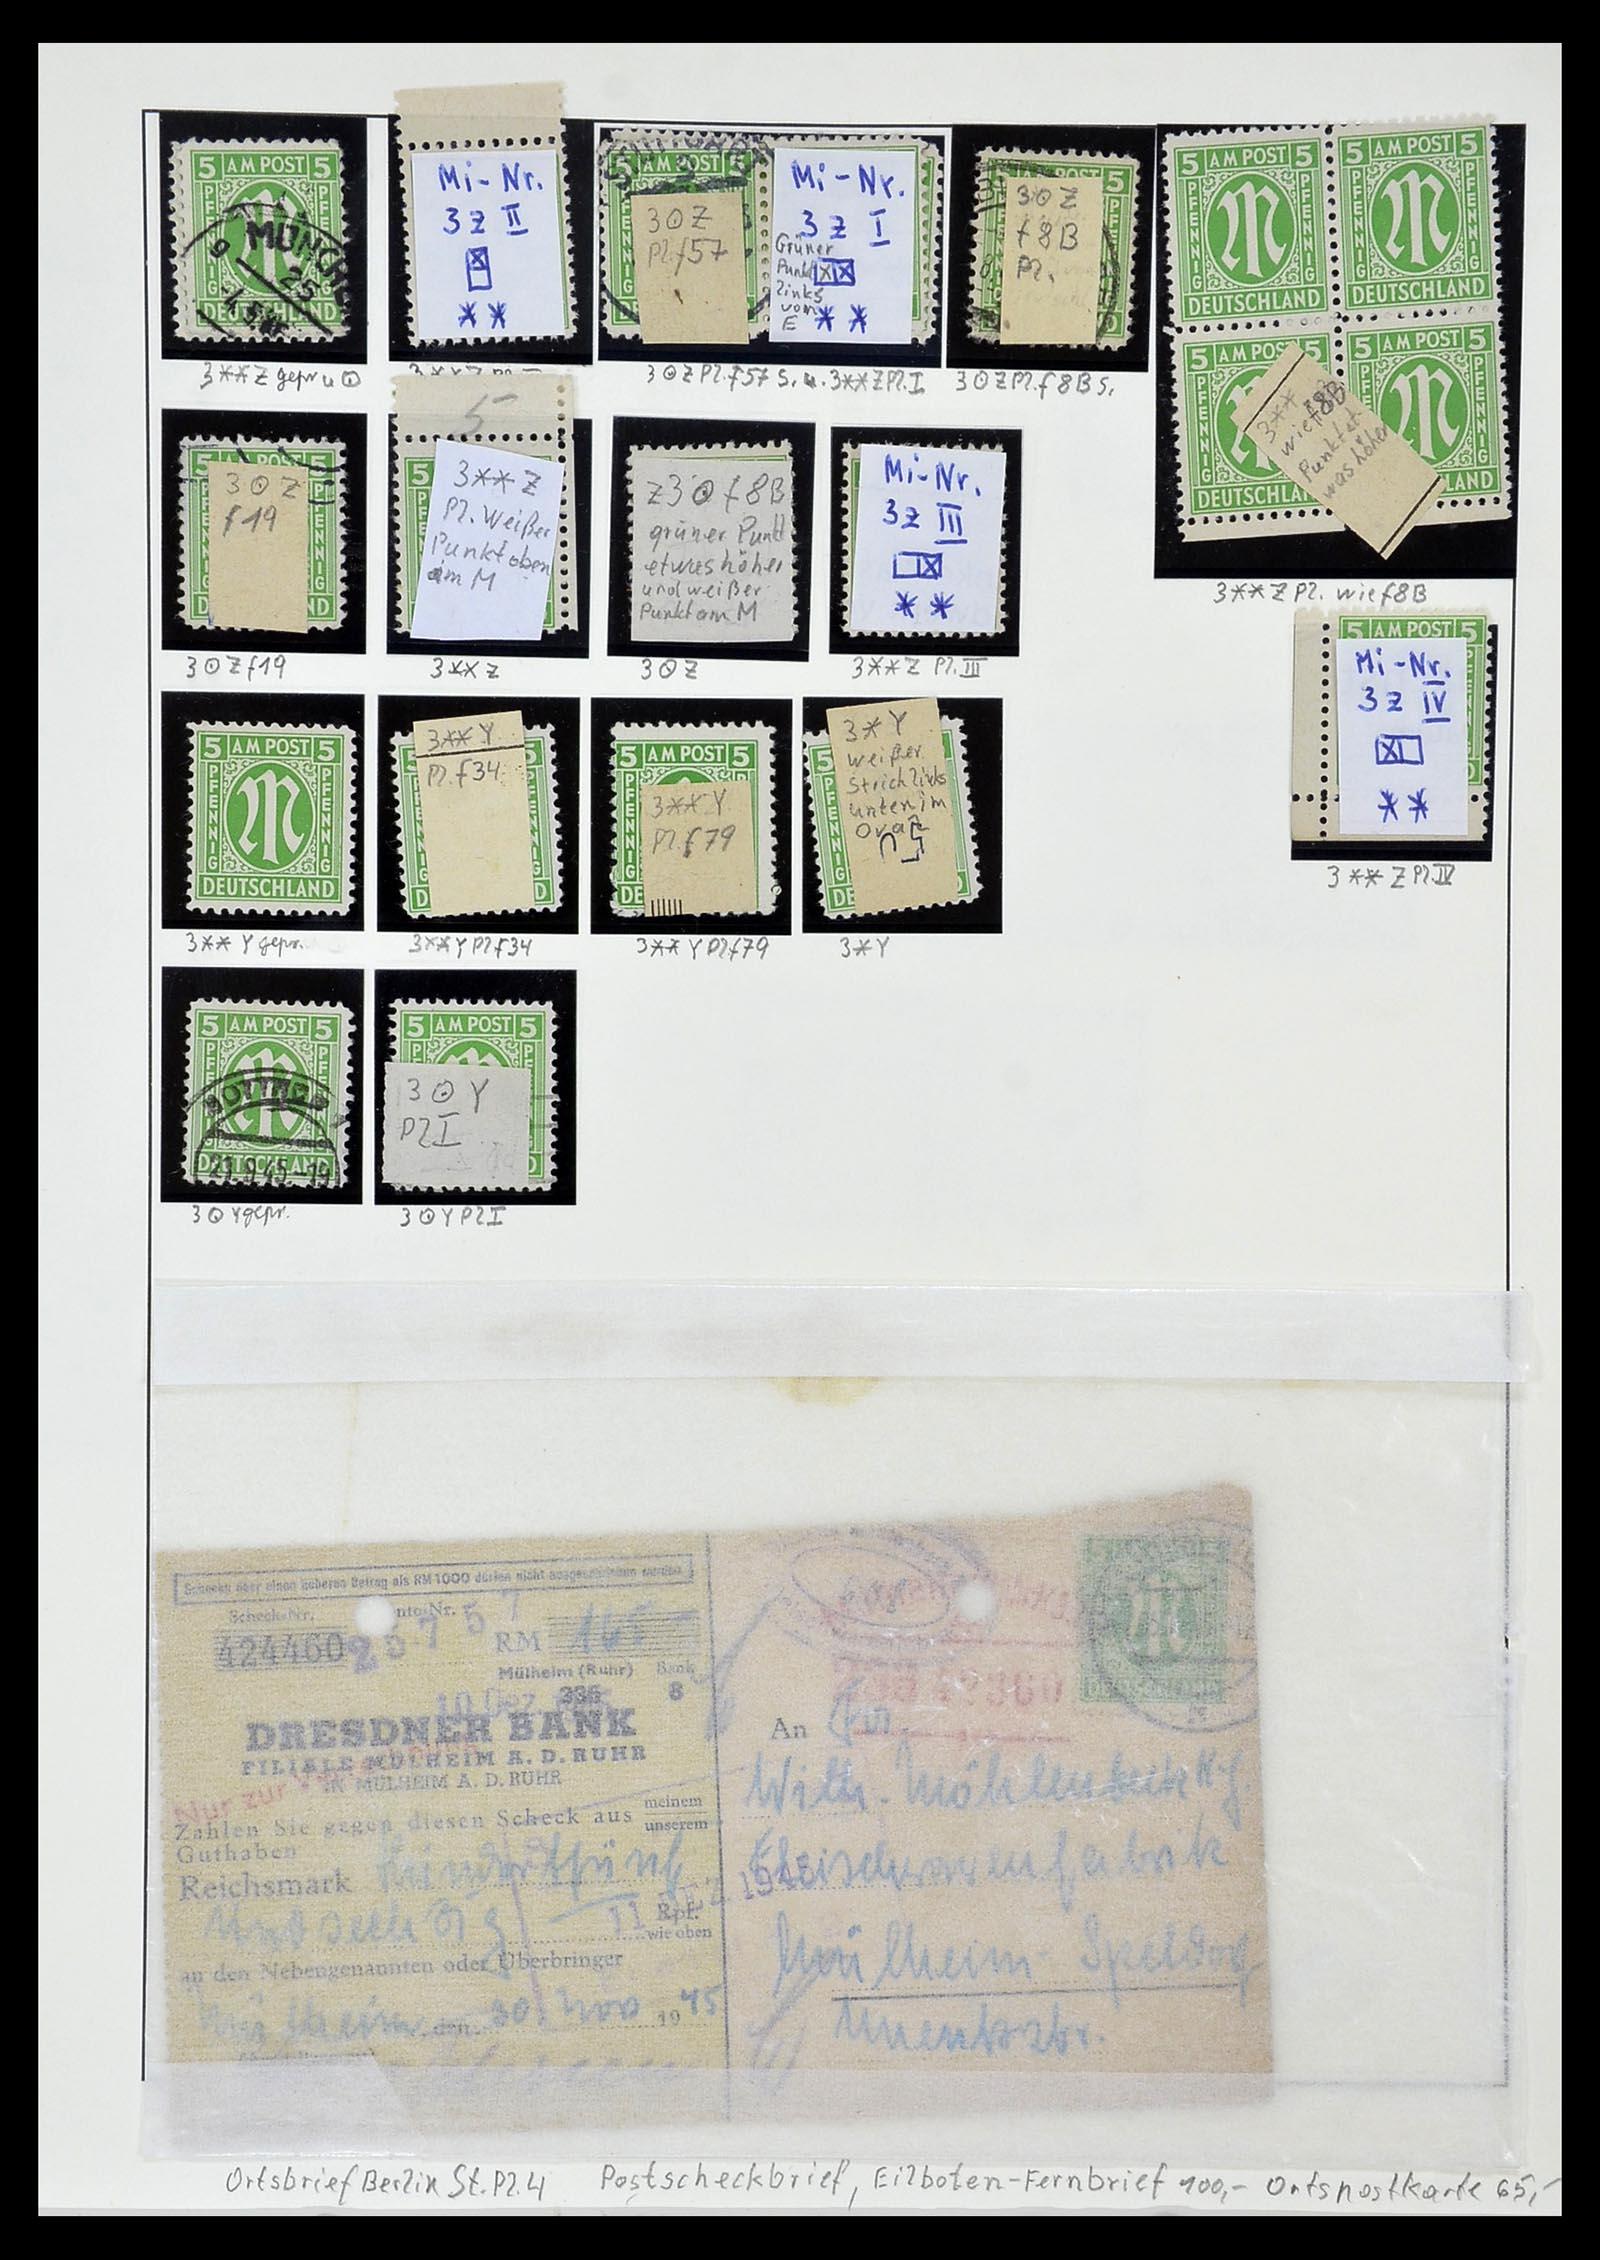 34152 015 - Postzegelverzameling 34152 Duitse Zones 1945-1949.